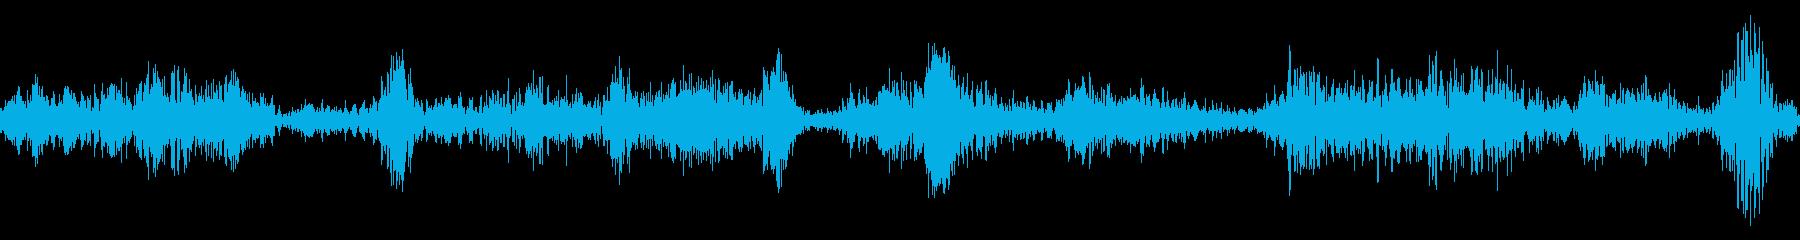 ラジオスキャンの調整1の再生済みの波形